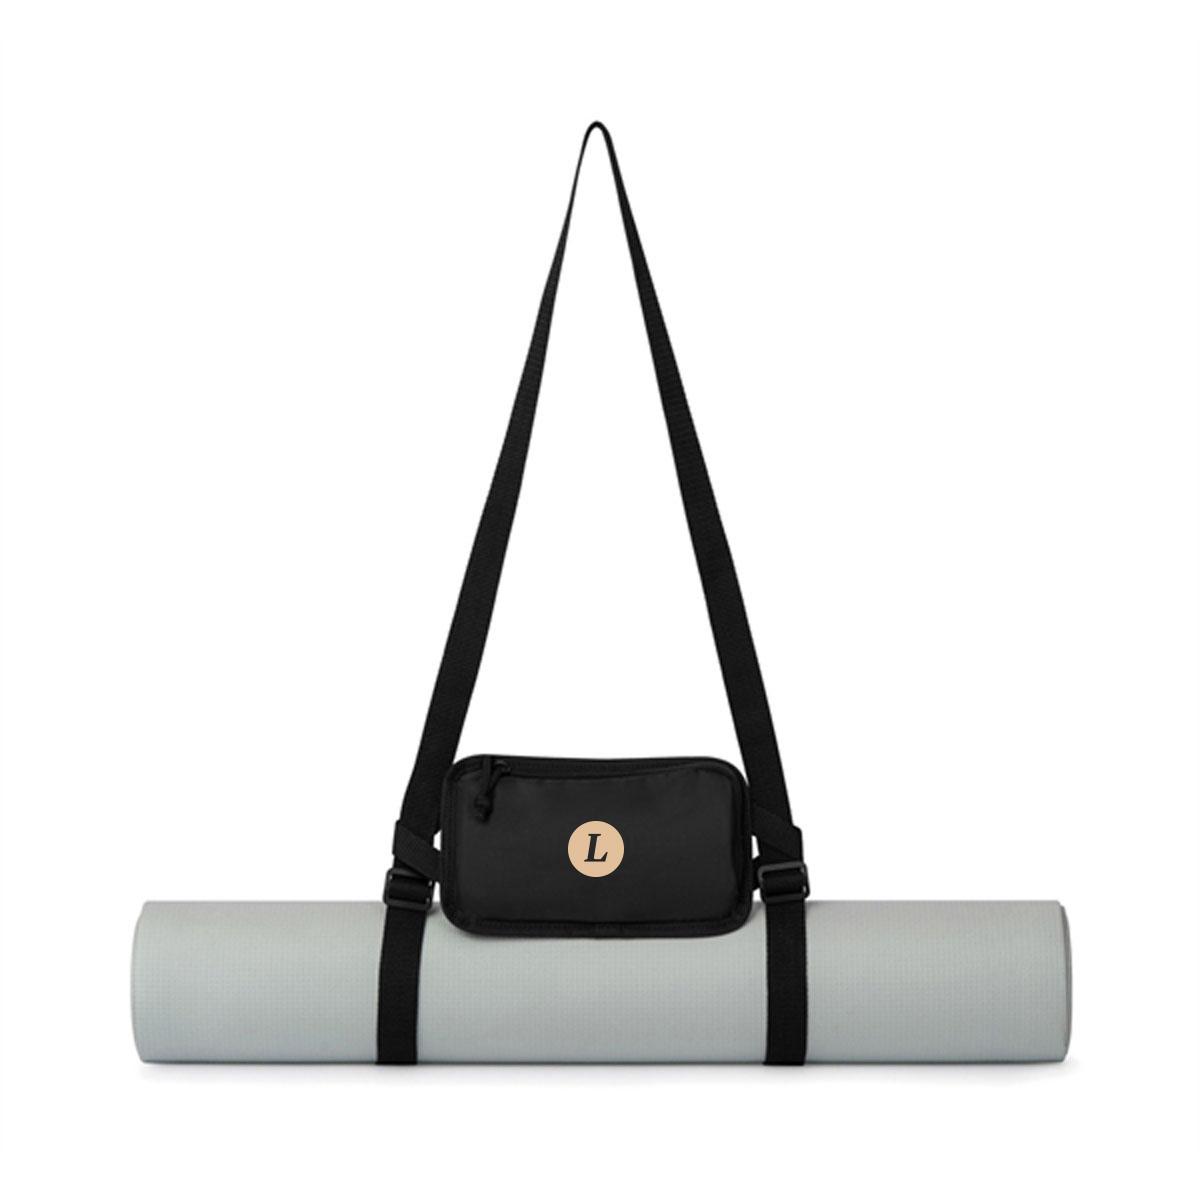 165503 vinyassa yoga mat and bag one color one location imprint